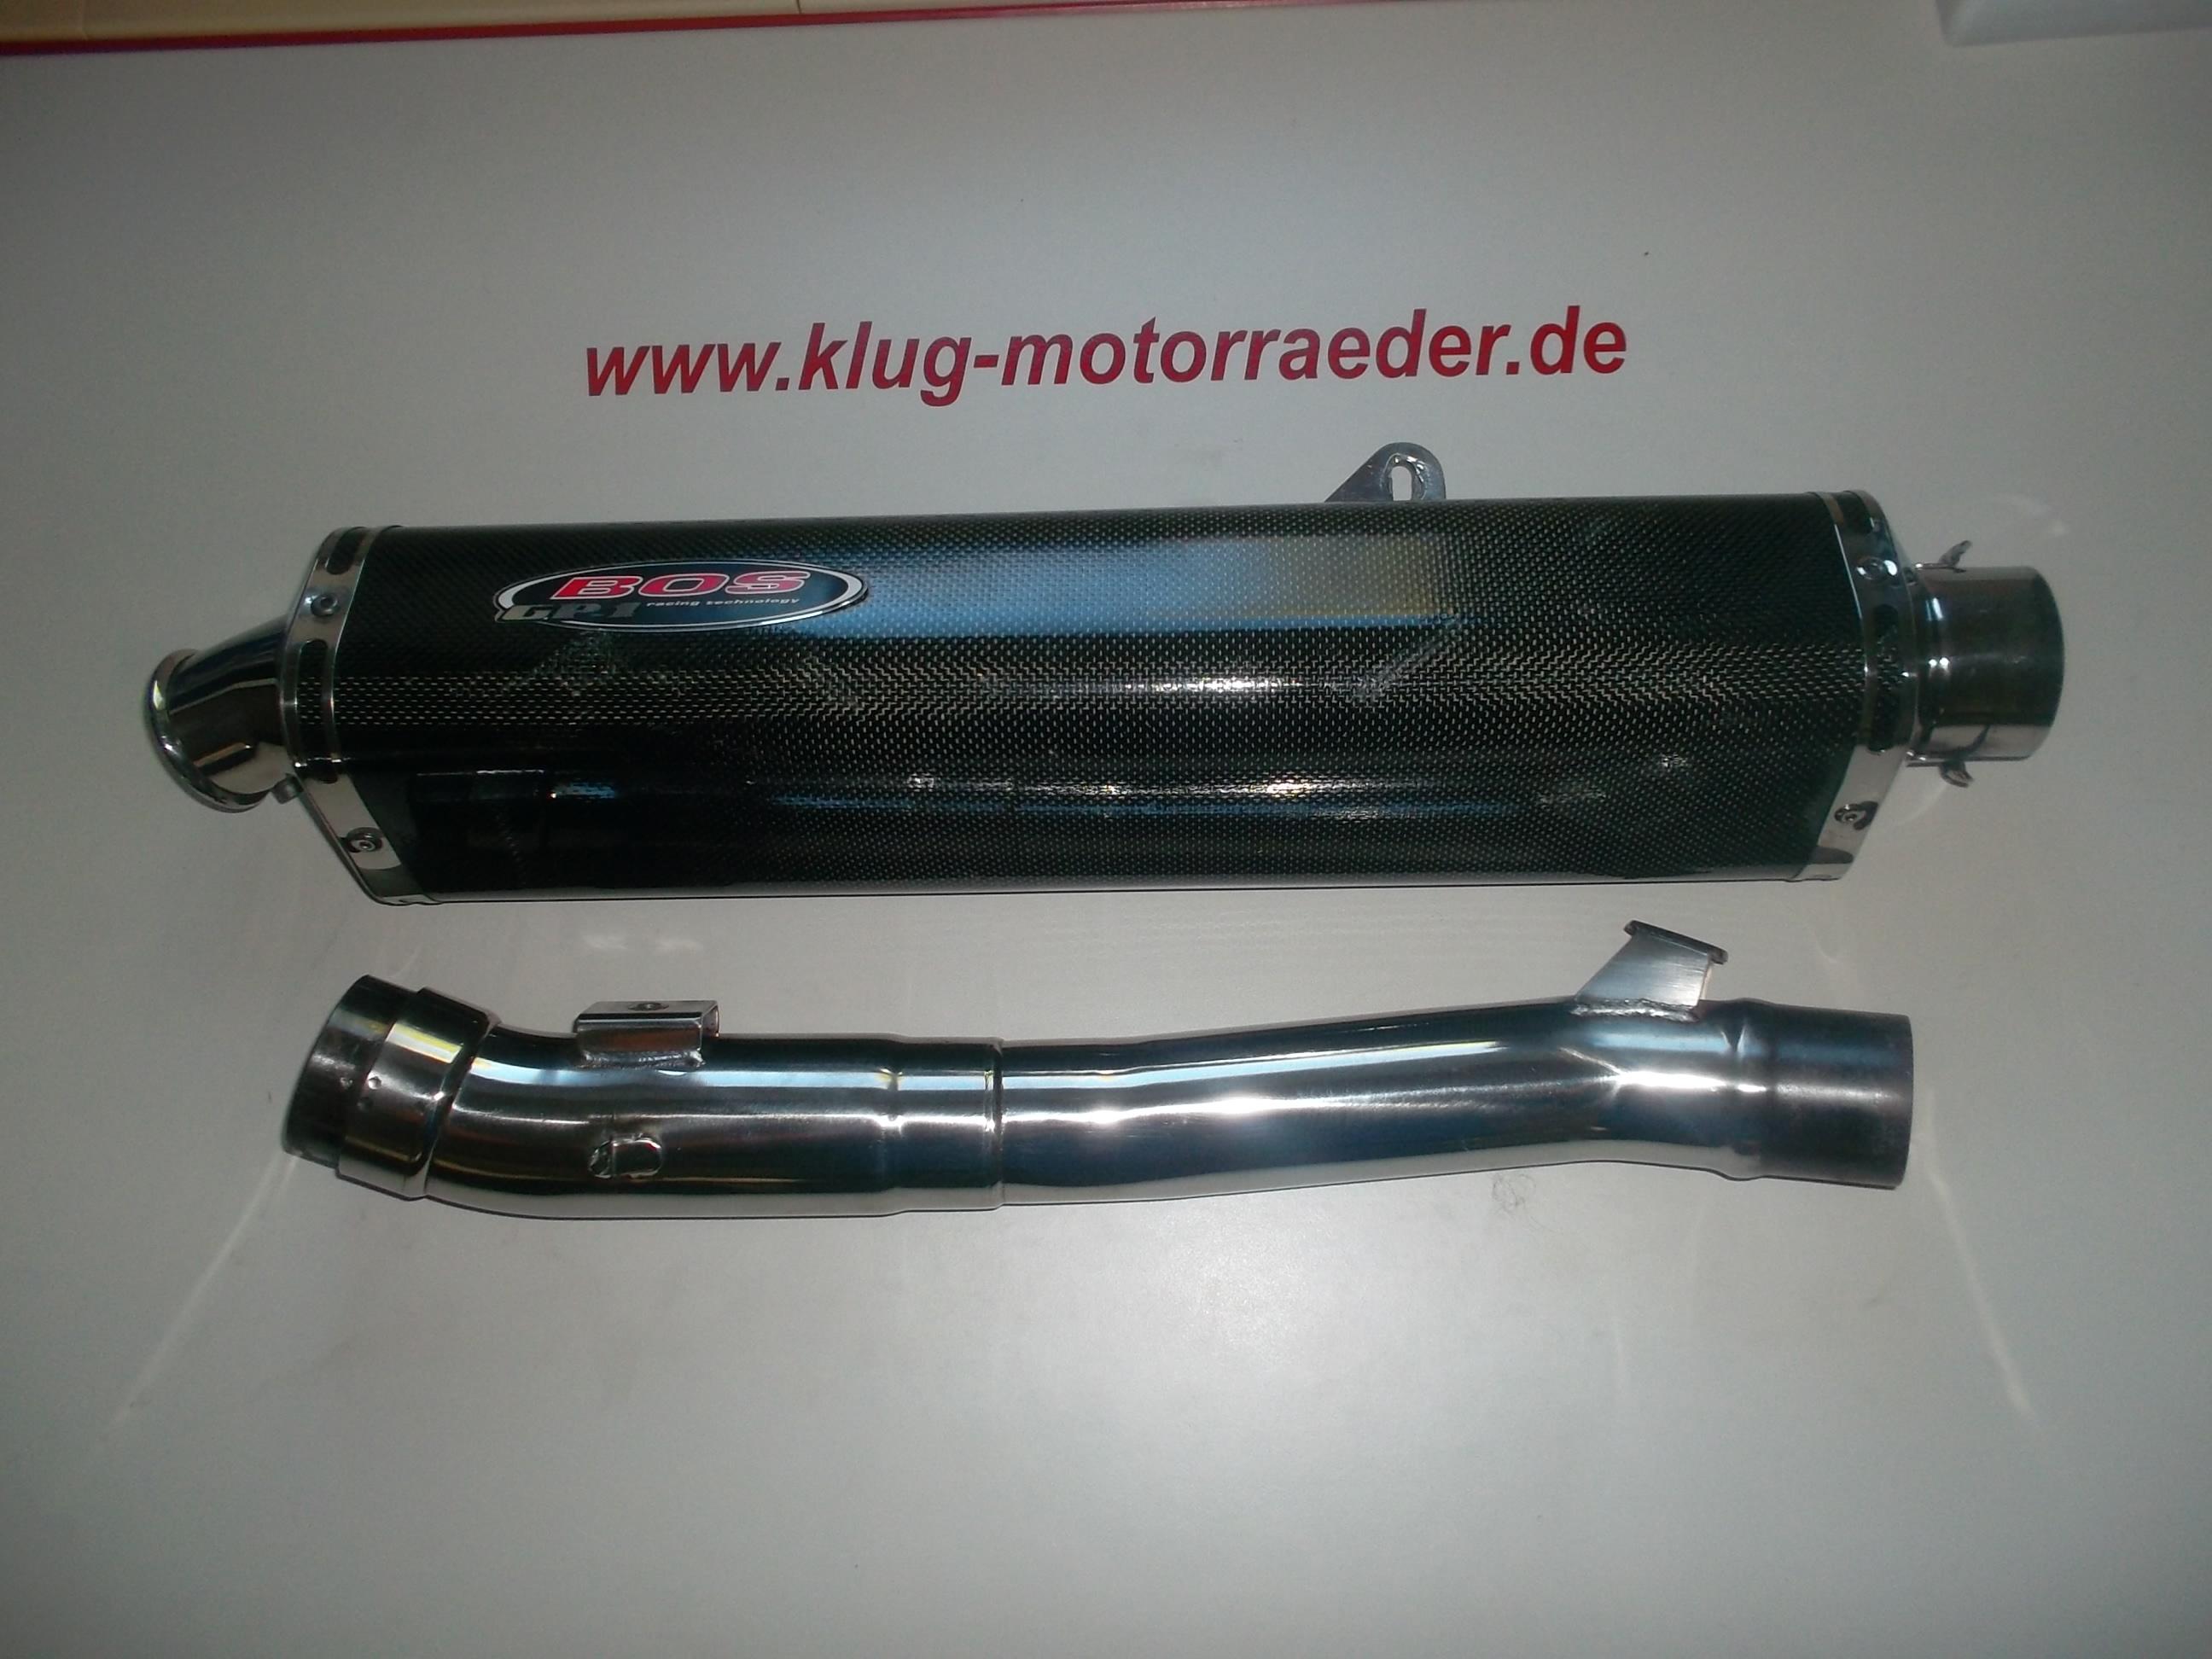 BOS GP1 Auspuff Carbon Suzuki GSF 1200 Bandit Image